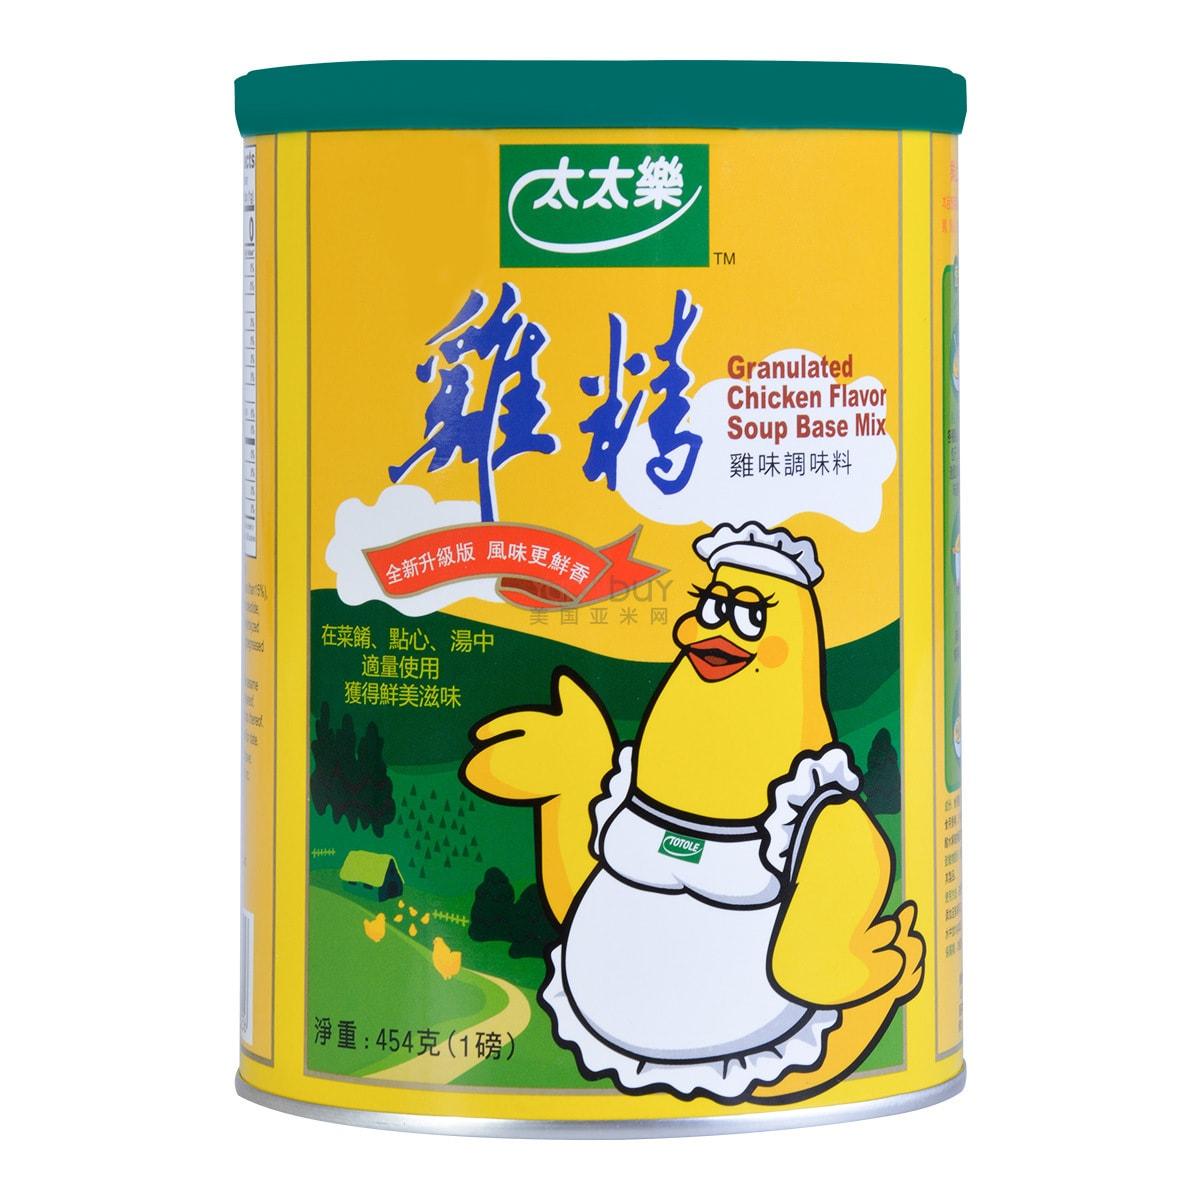 香港太太乐 三鲜 鸡精 454g 全新升级版